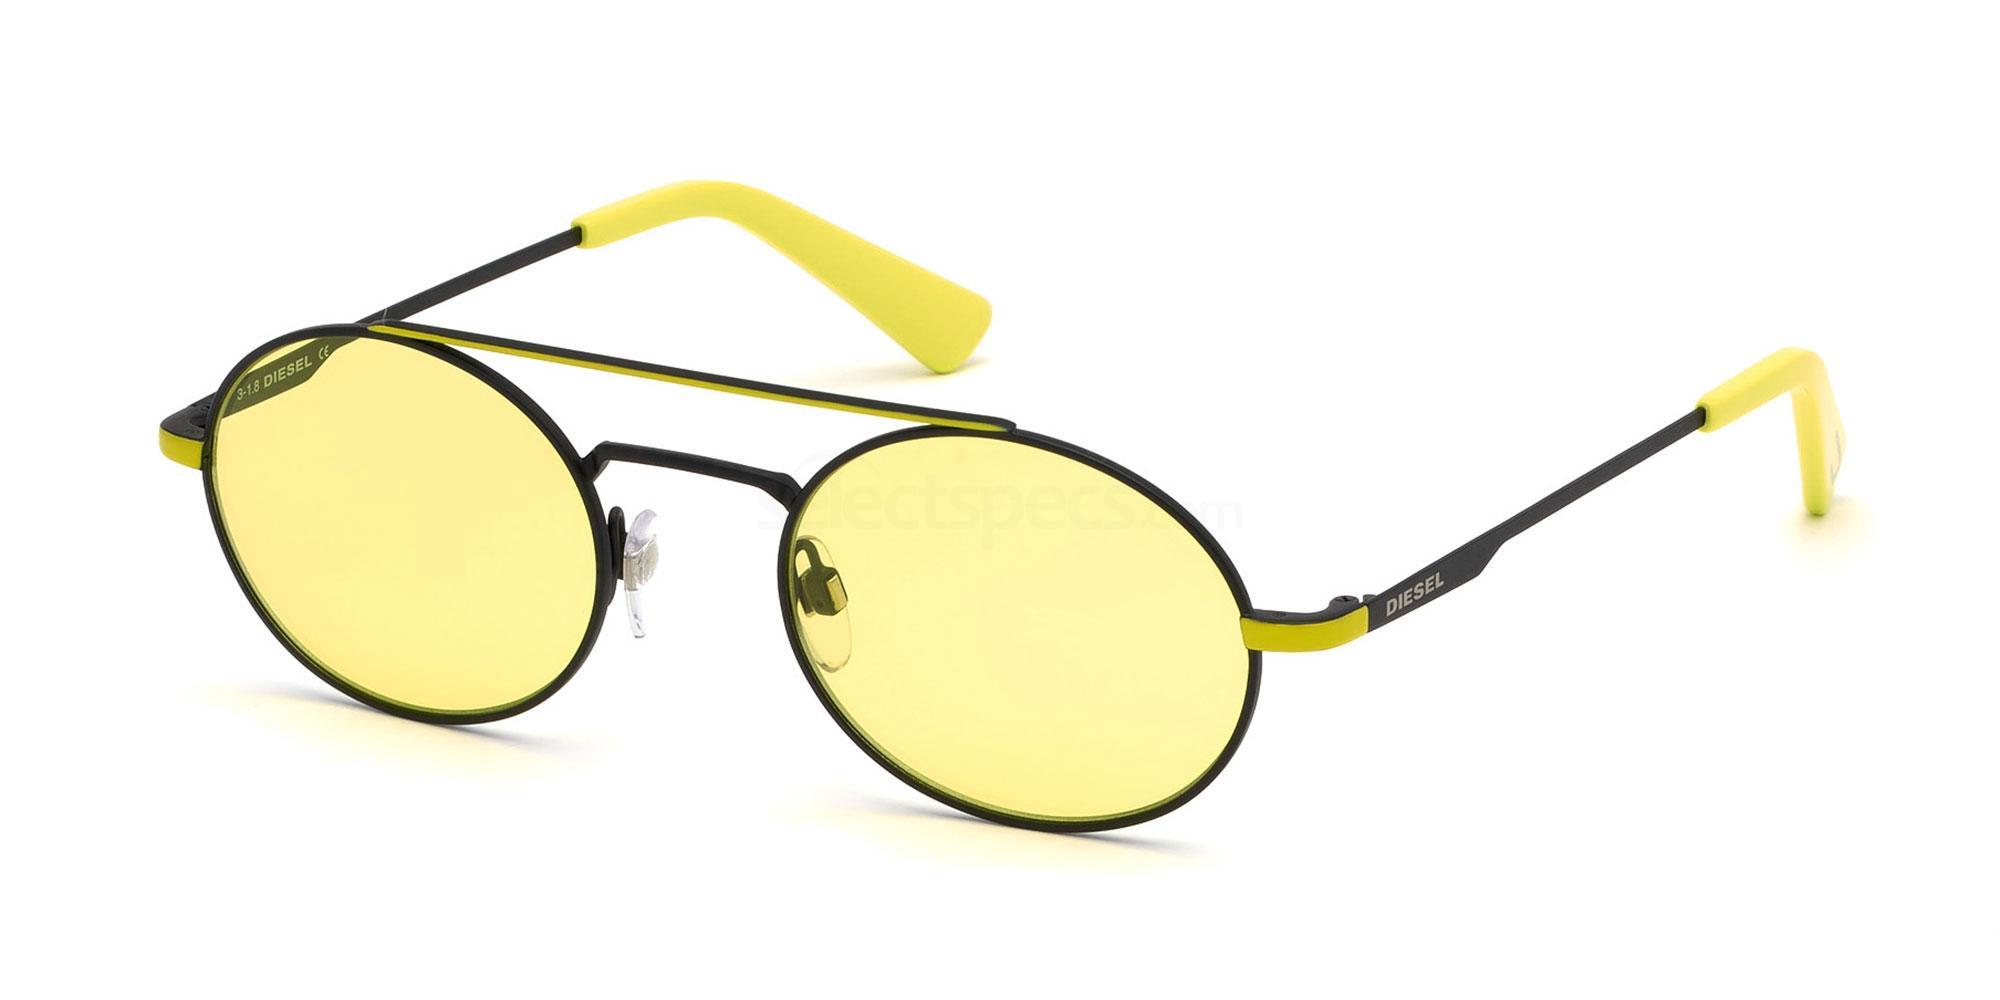 05J DL0289 Sunglasses, Diesel